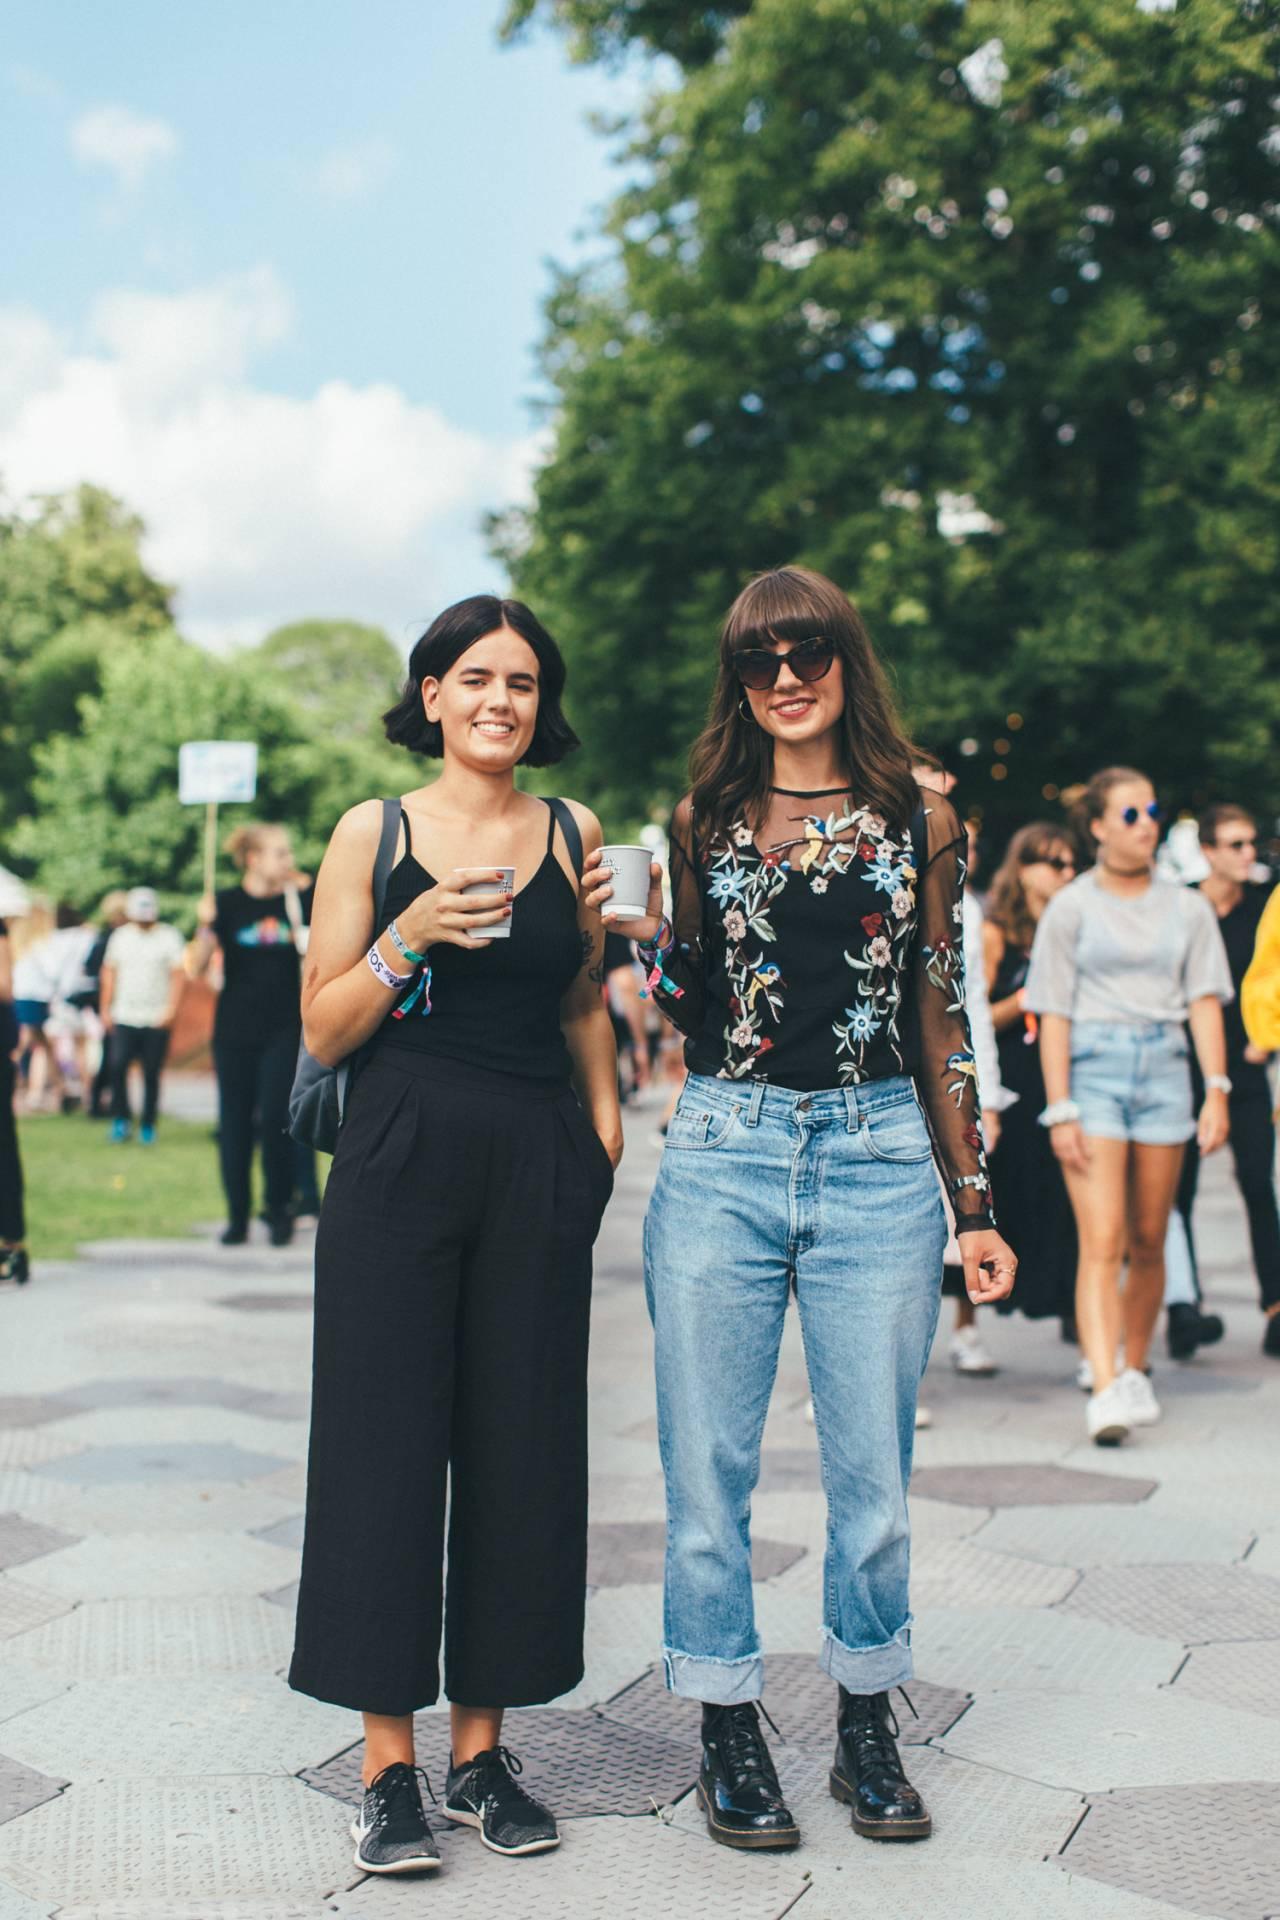 Gäster på Way Out West, kvinna i svart byxdress och kvinna i jeans med broderad topp.